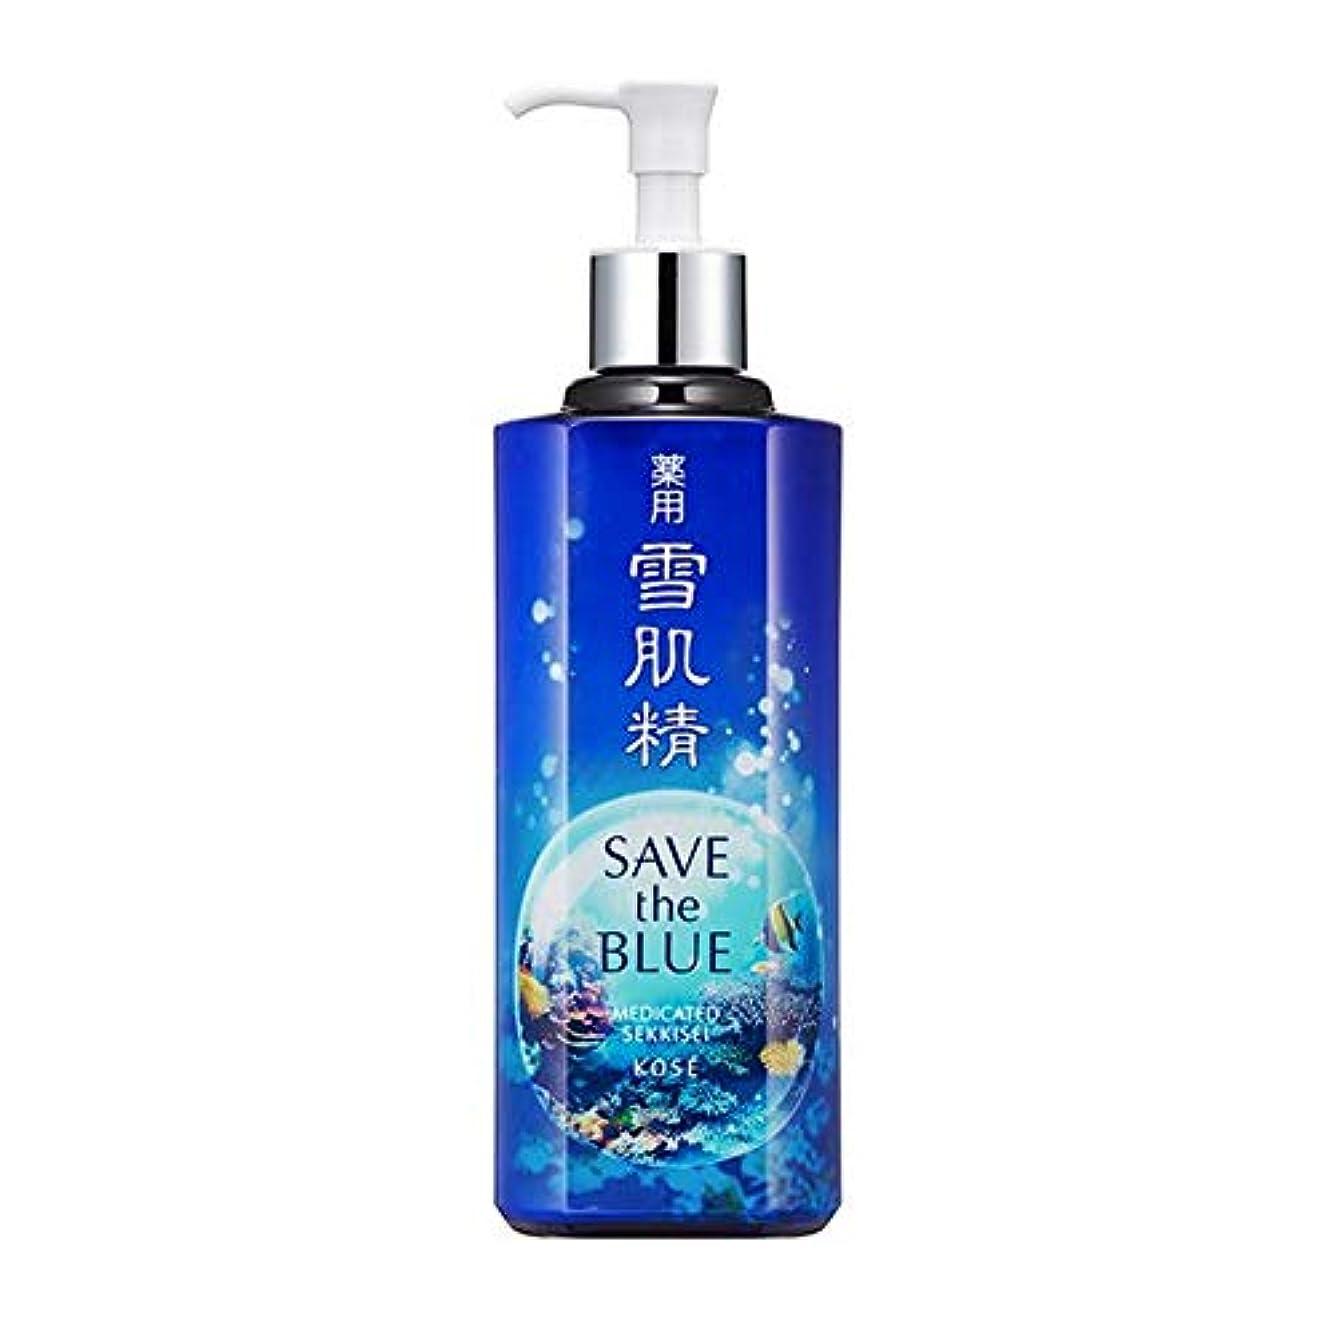 世界的に小麦自分を引き上げるコーセー 雪肌精 「SAVE the BLUE」デザインボトル(みずみずしいタイプ) 500ml【2019限定】